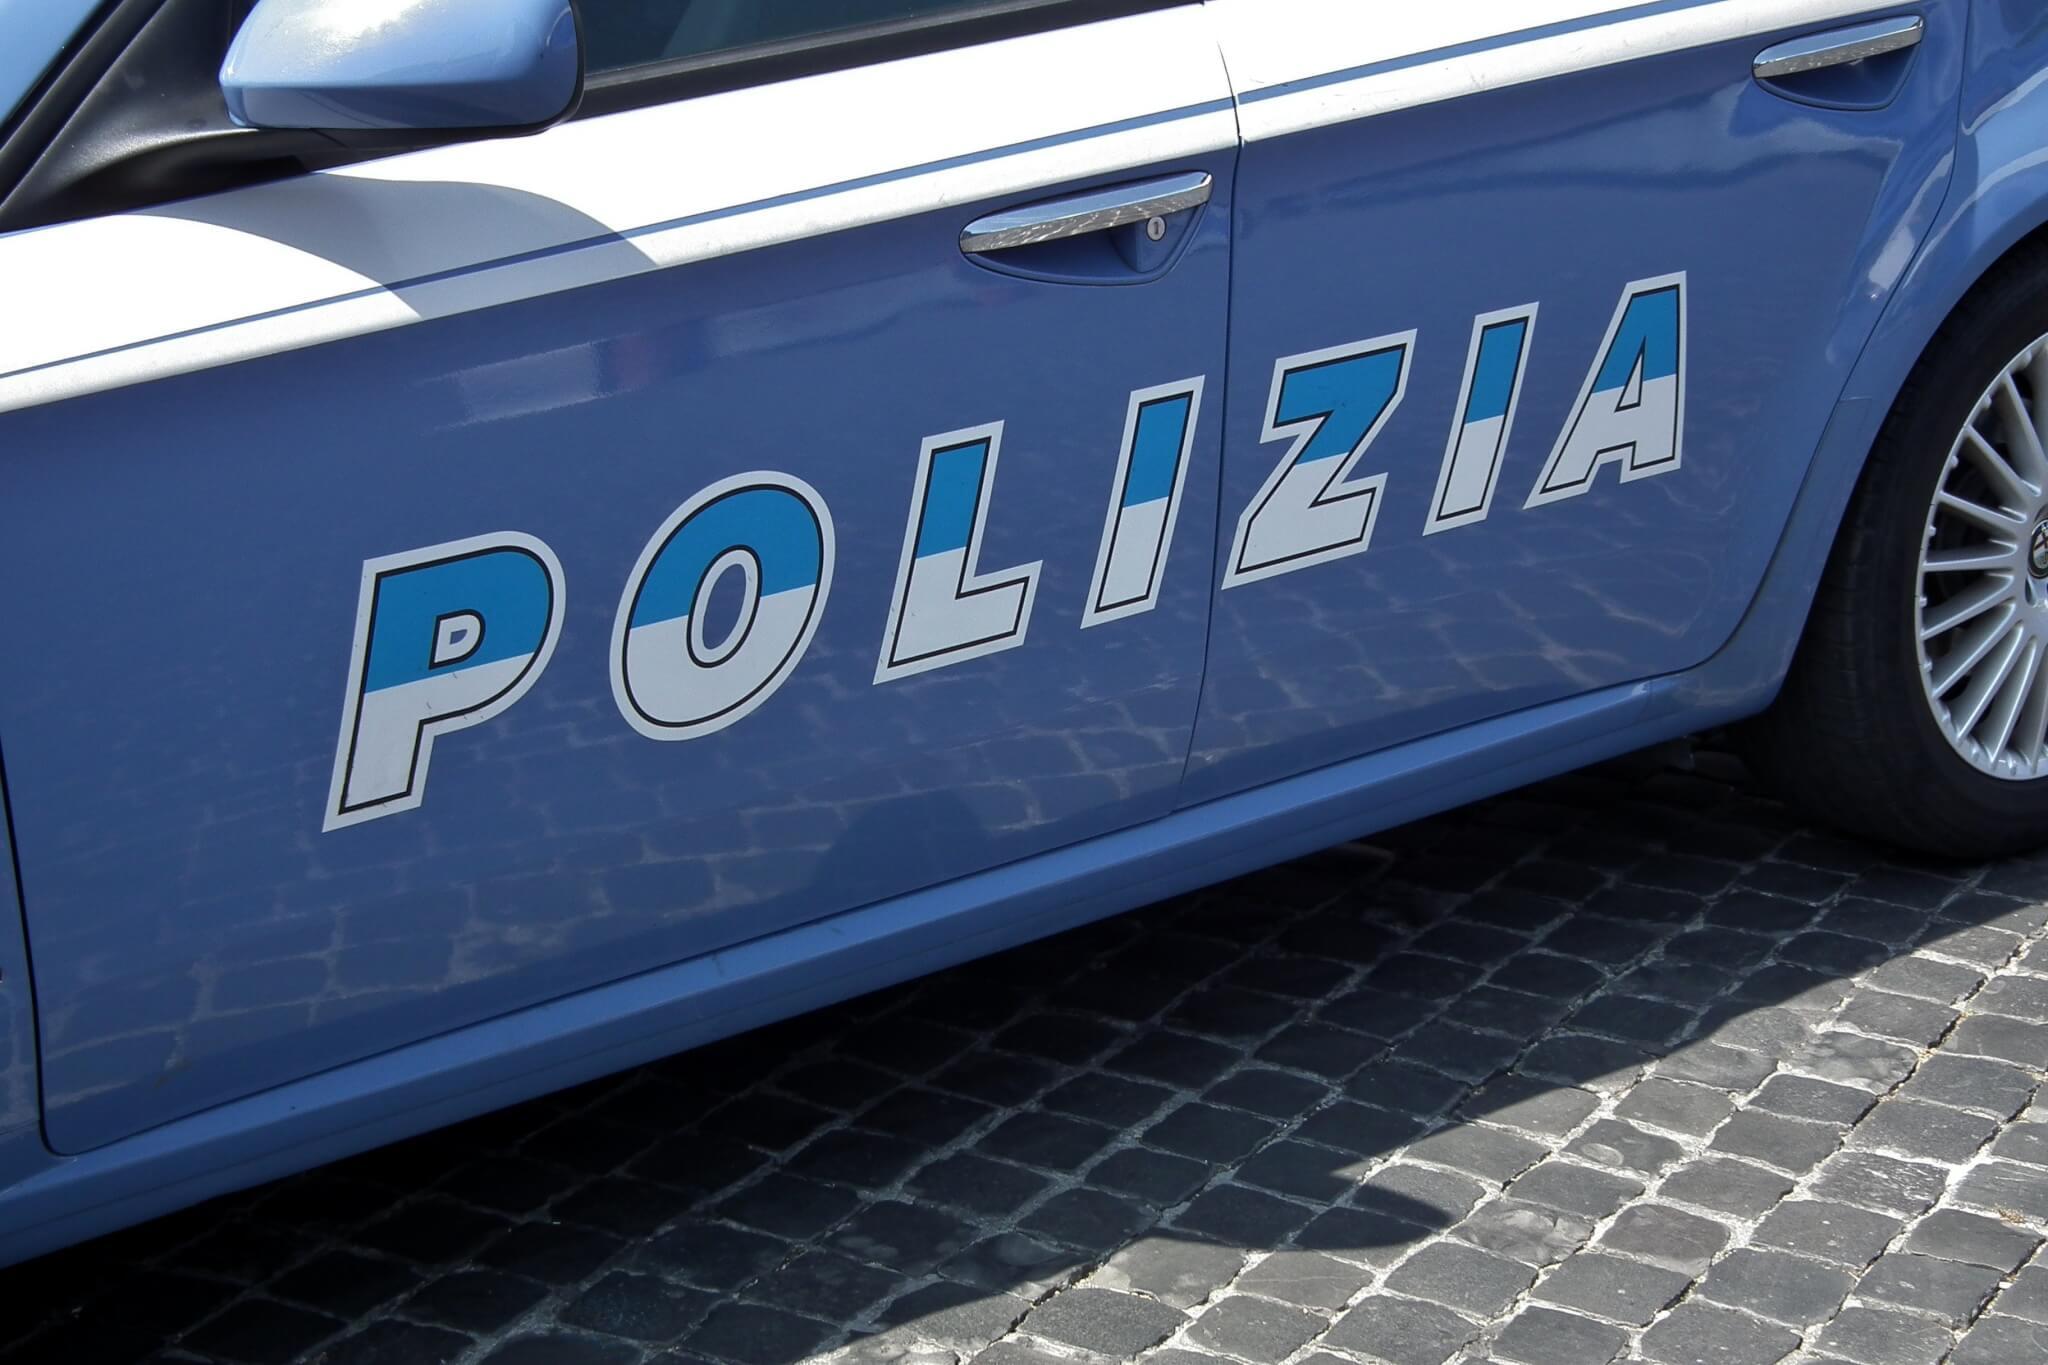 Massaggi dai 100 ai 200 euro a seconda delle prestazioni: la Polizia di Stato arresta tre donne per sfruttamento e favoreggiamento della prostituzione